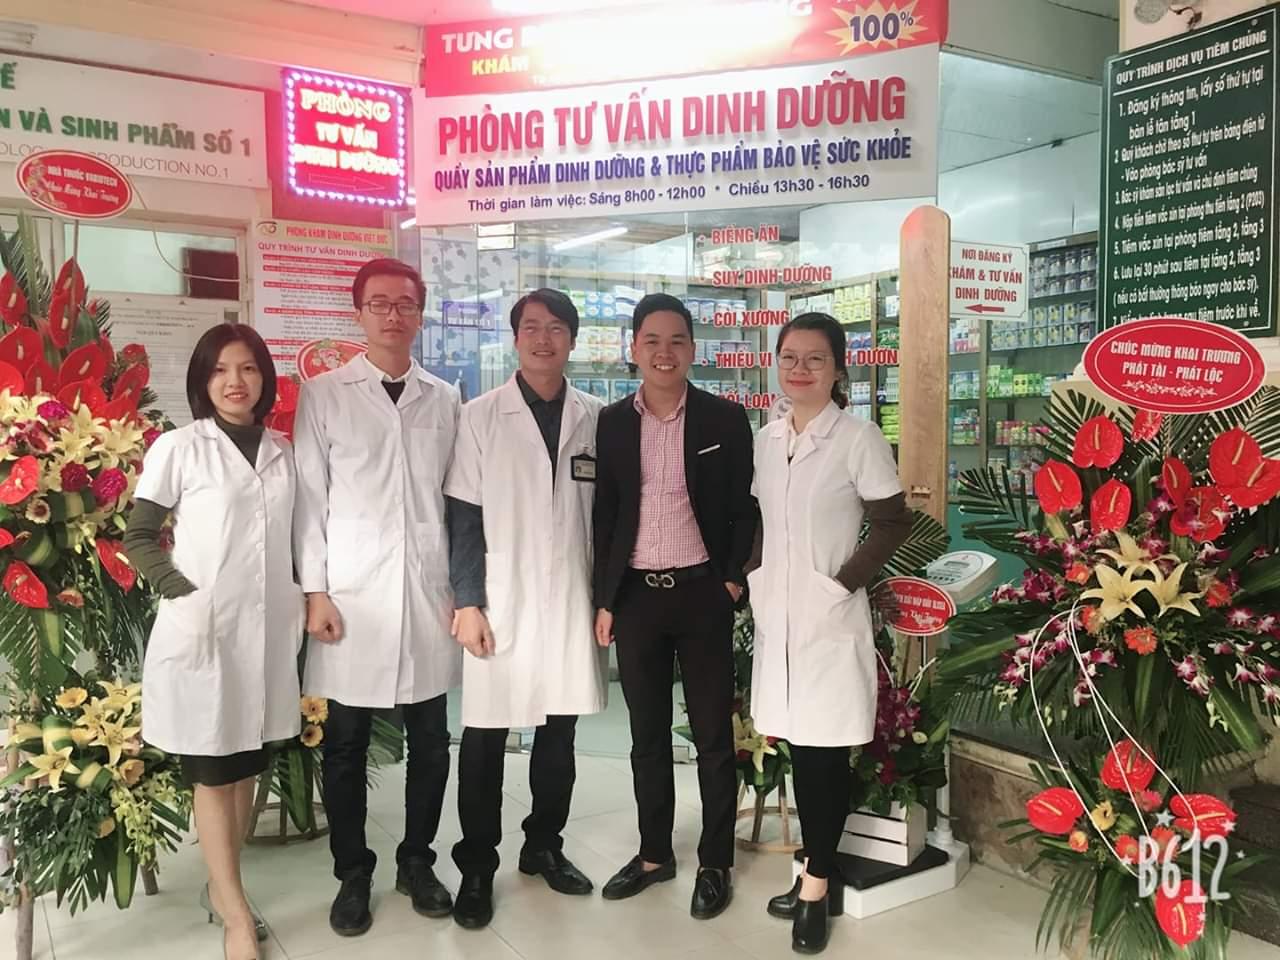 TRUNG TÂM DINH DƯỠNG HÀ NỘI - Trungtamdinhduonghanoi.com